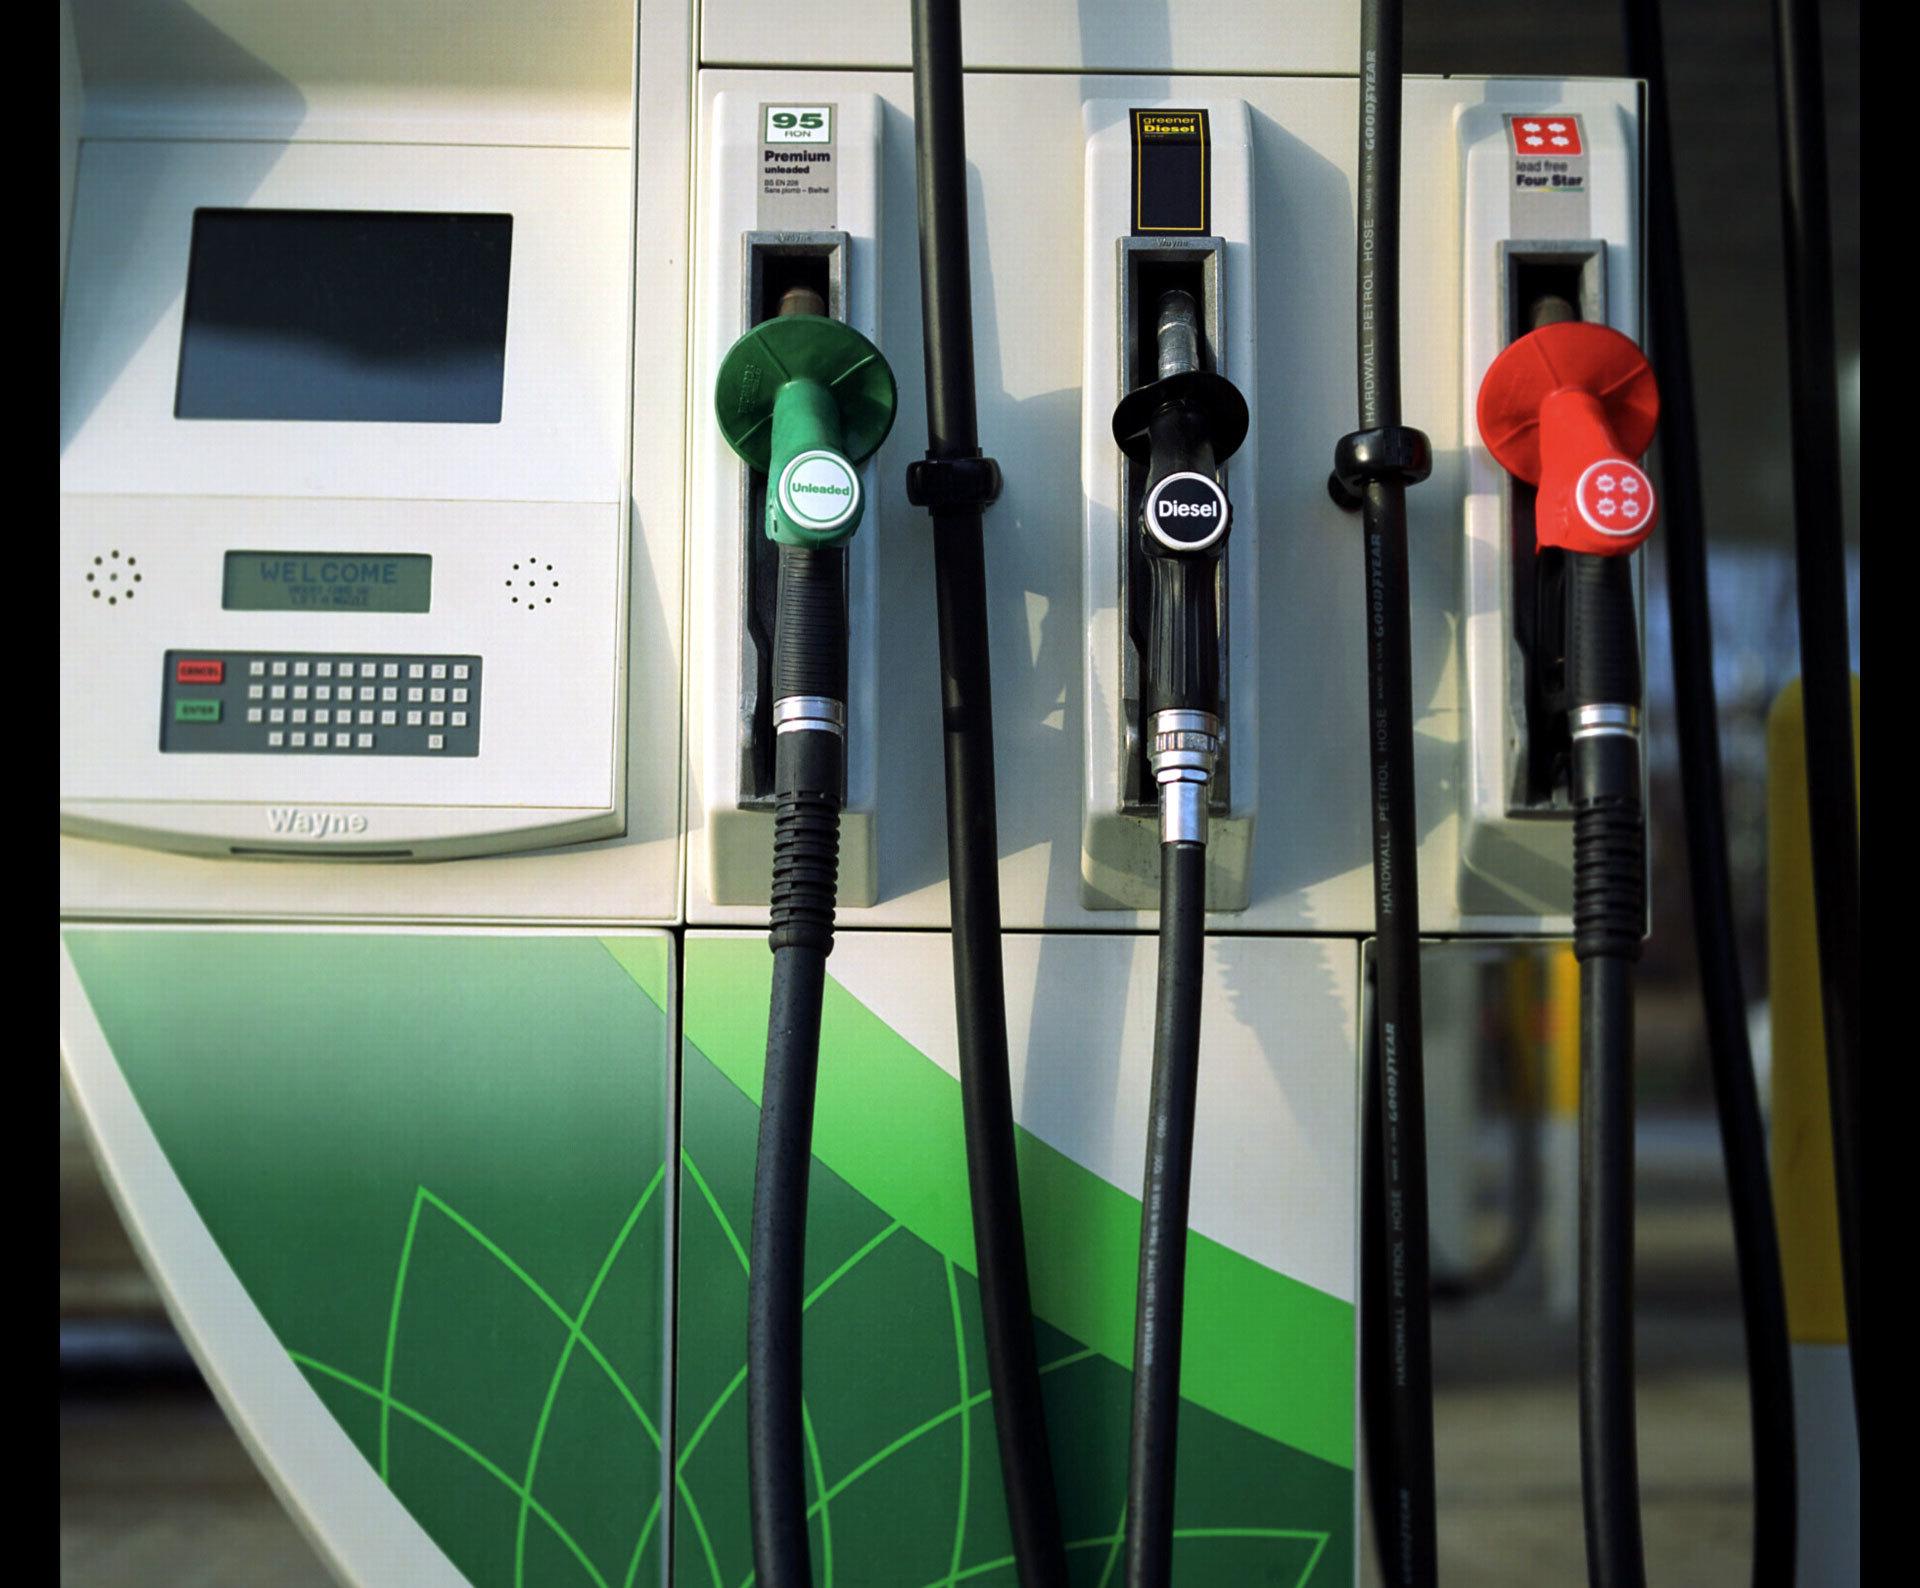 Gasolinera Diesel 2